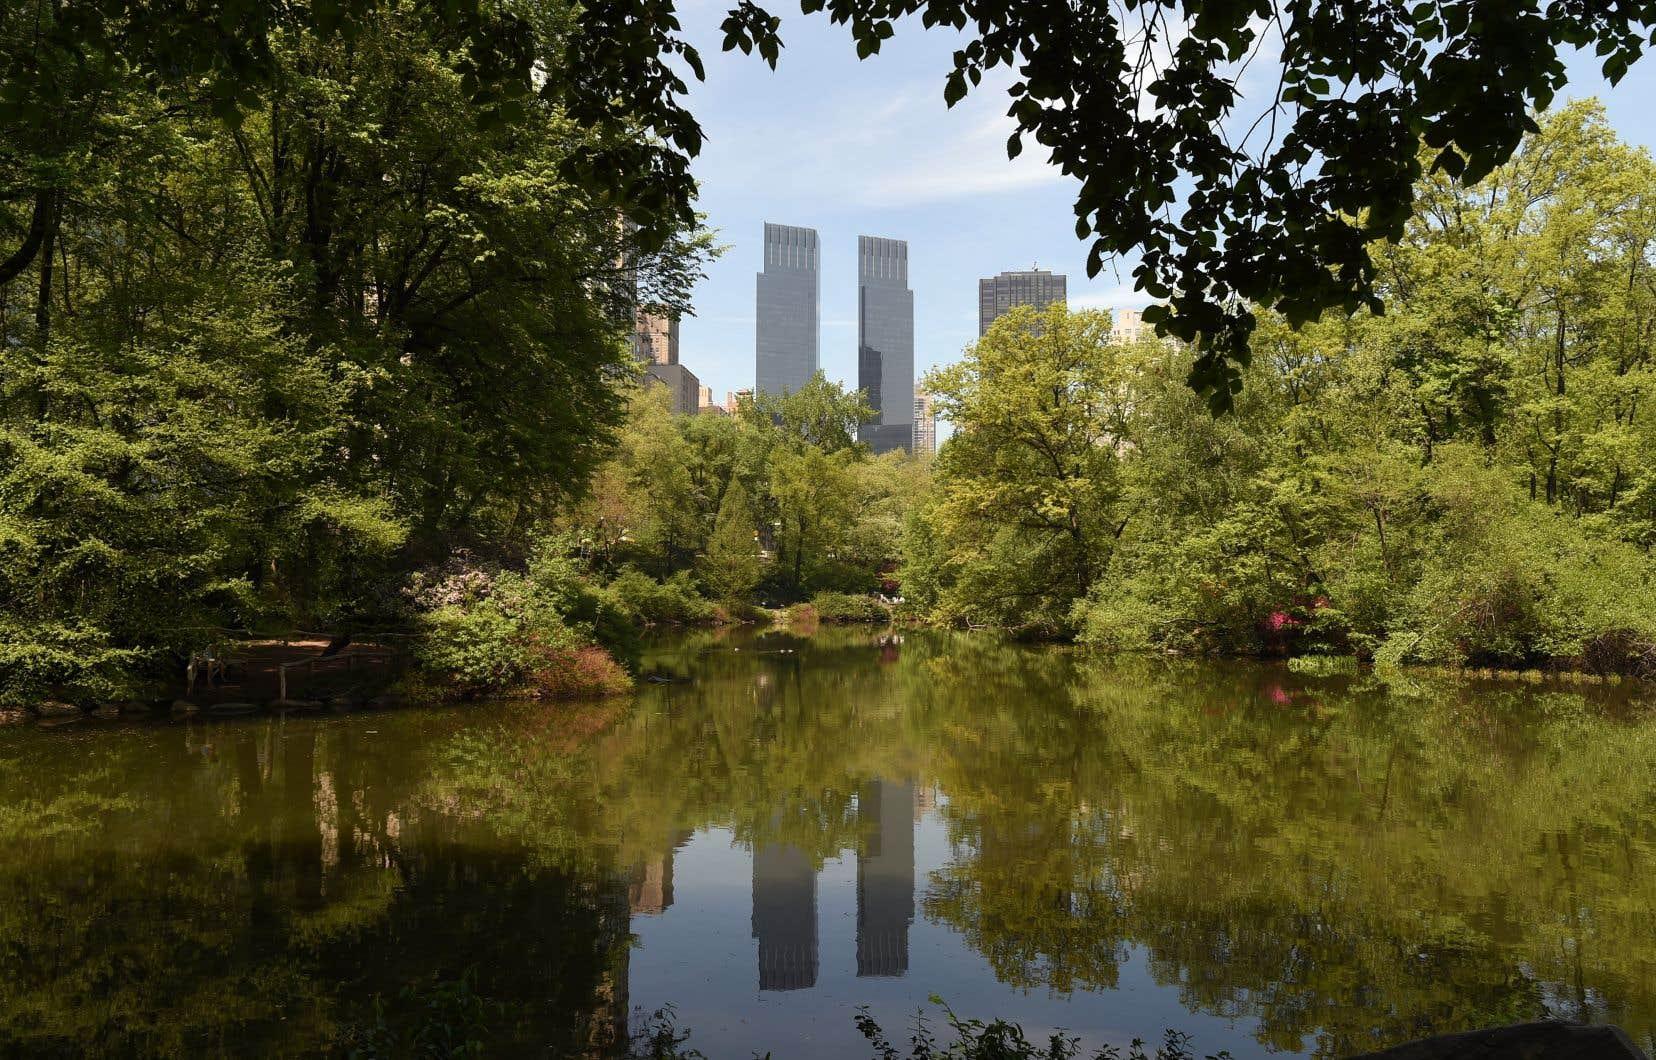 Les voitures seront complètement interdites d'accès à Central Park à partir de fin juin.